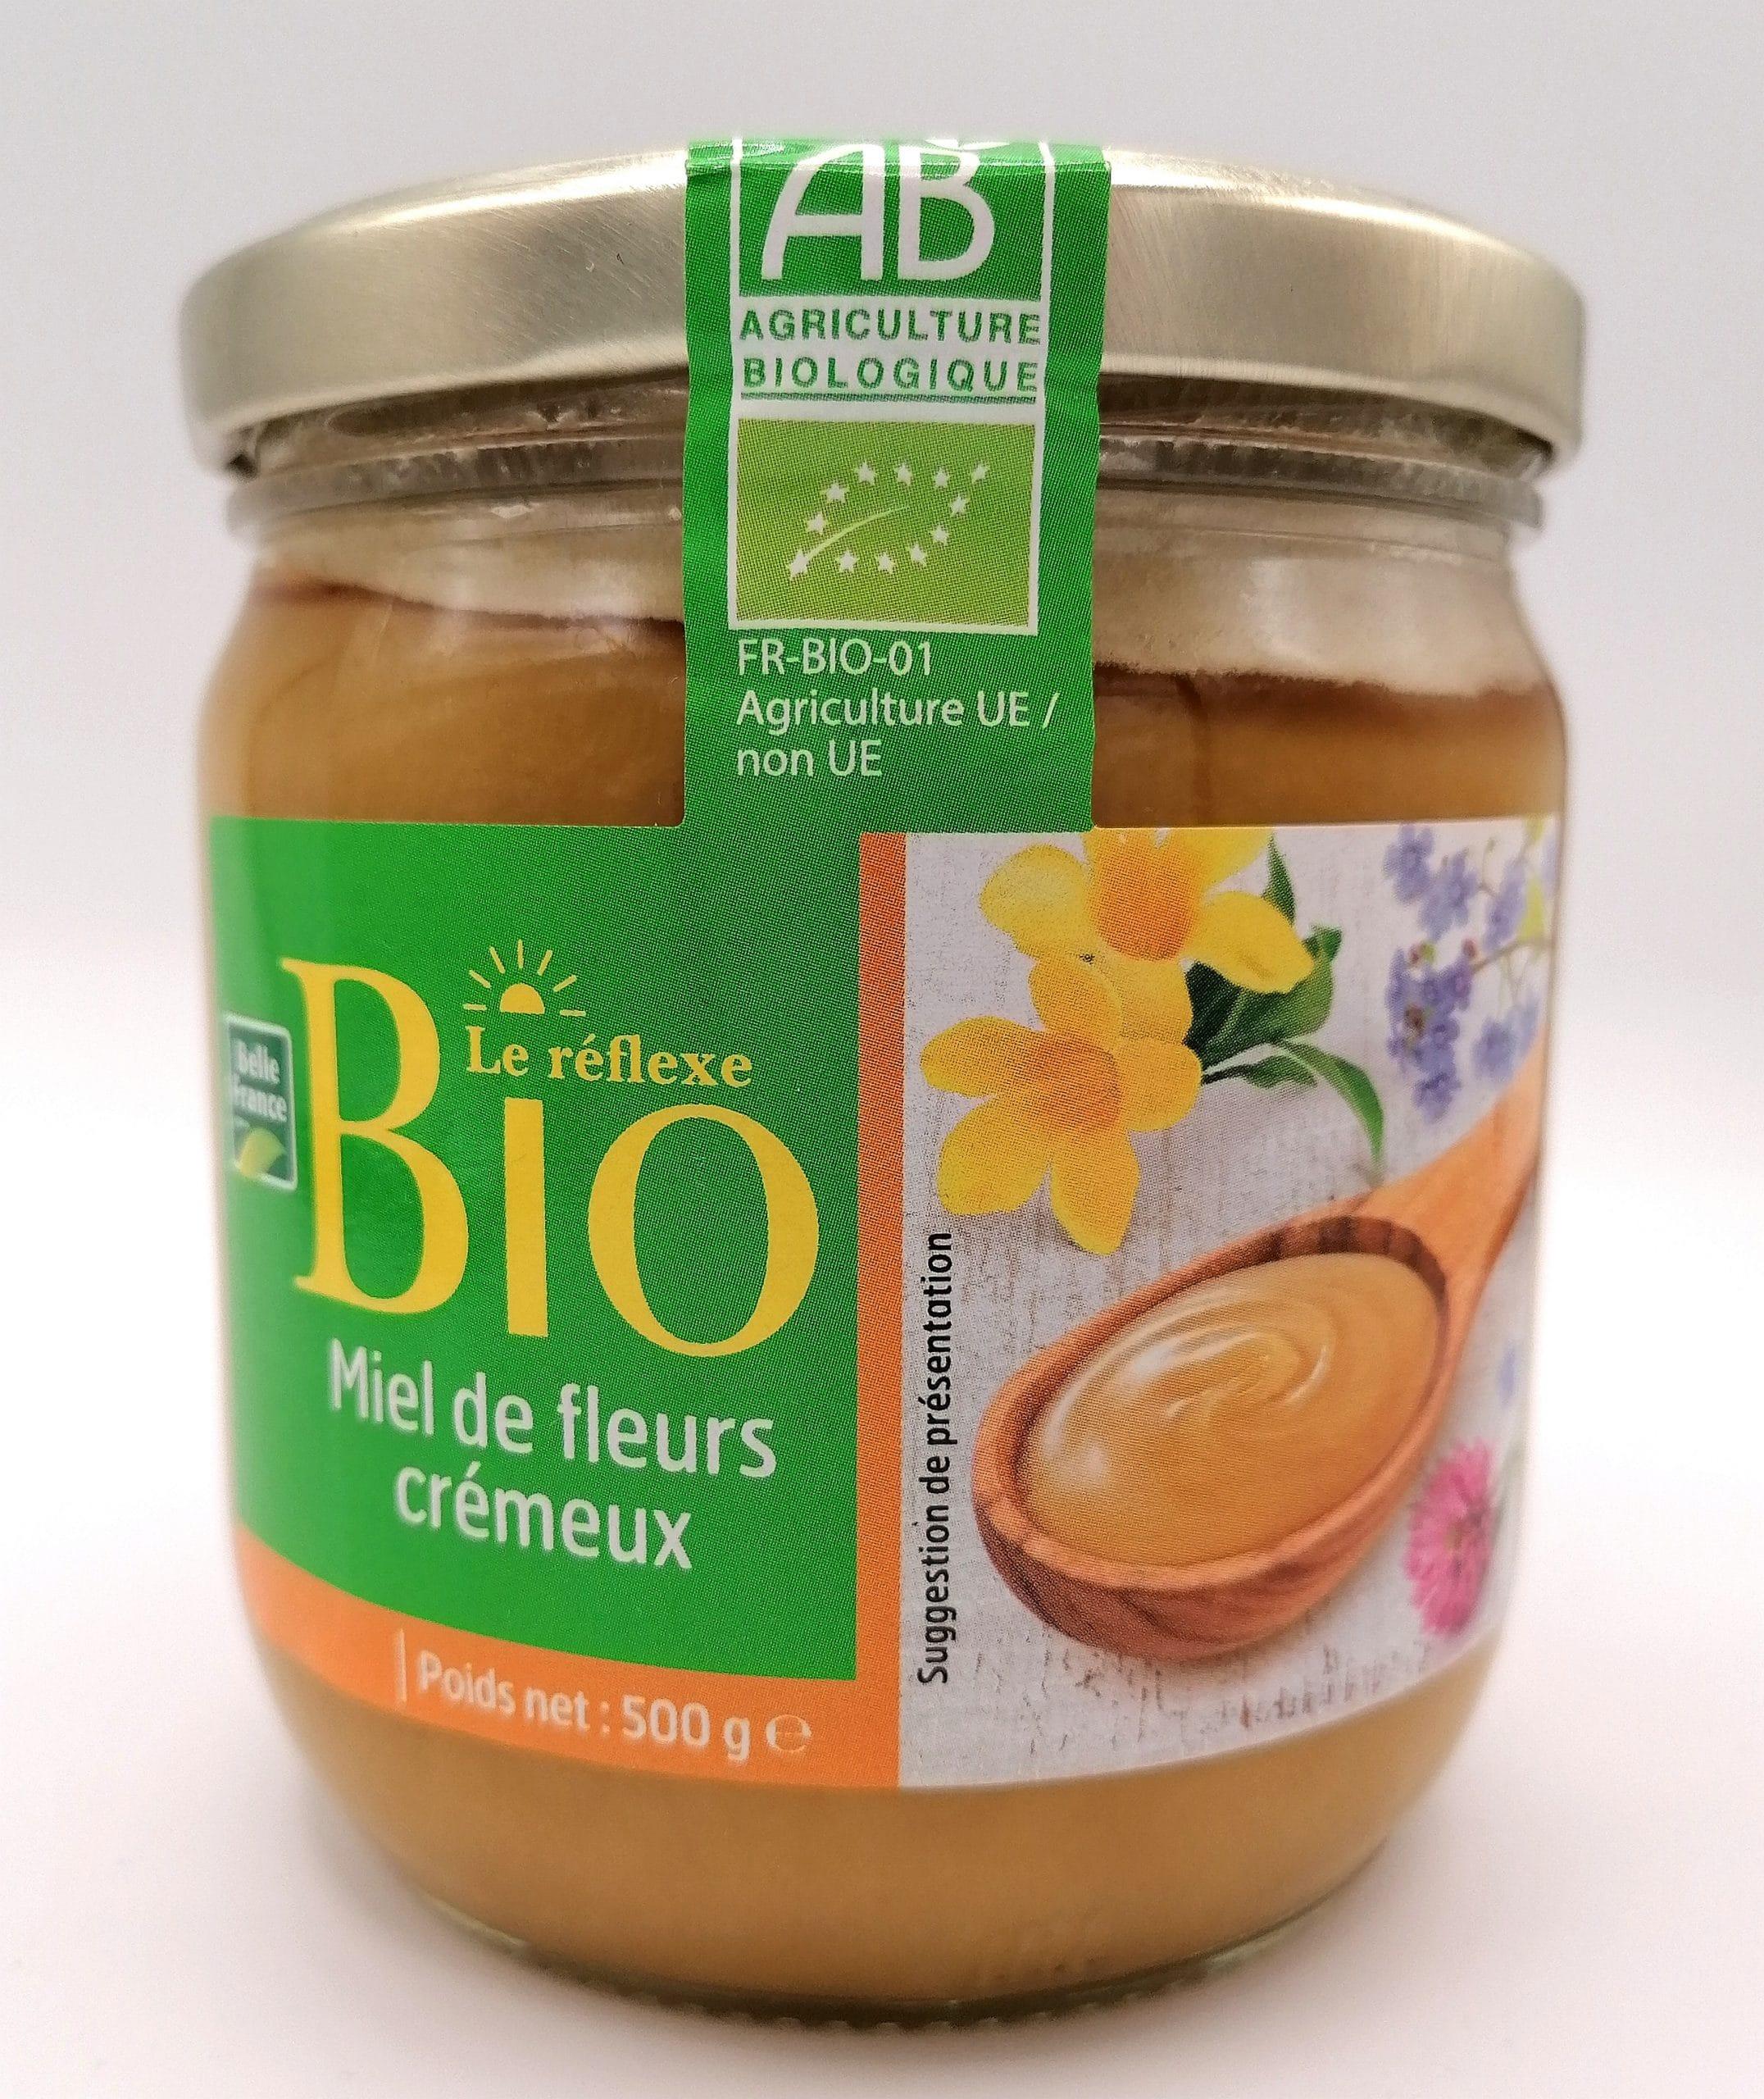 Miel de fleurs crémeux BIO, 500g